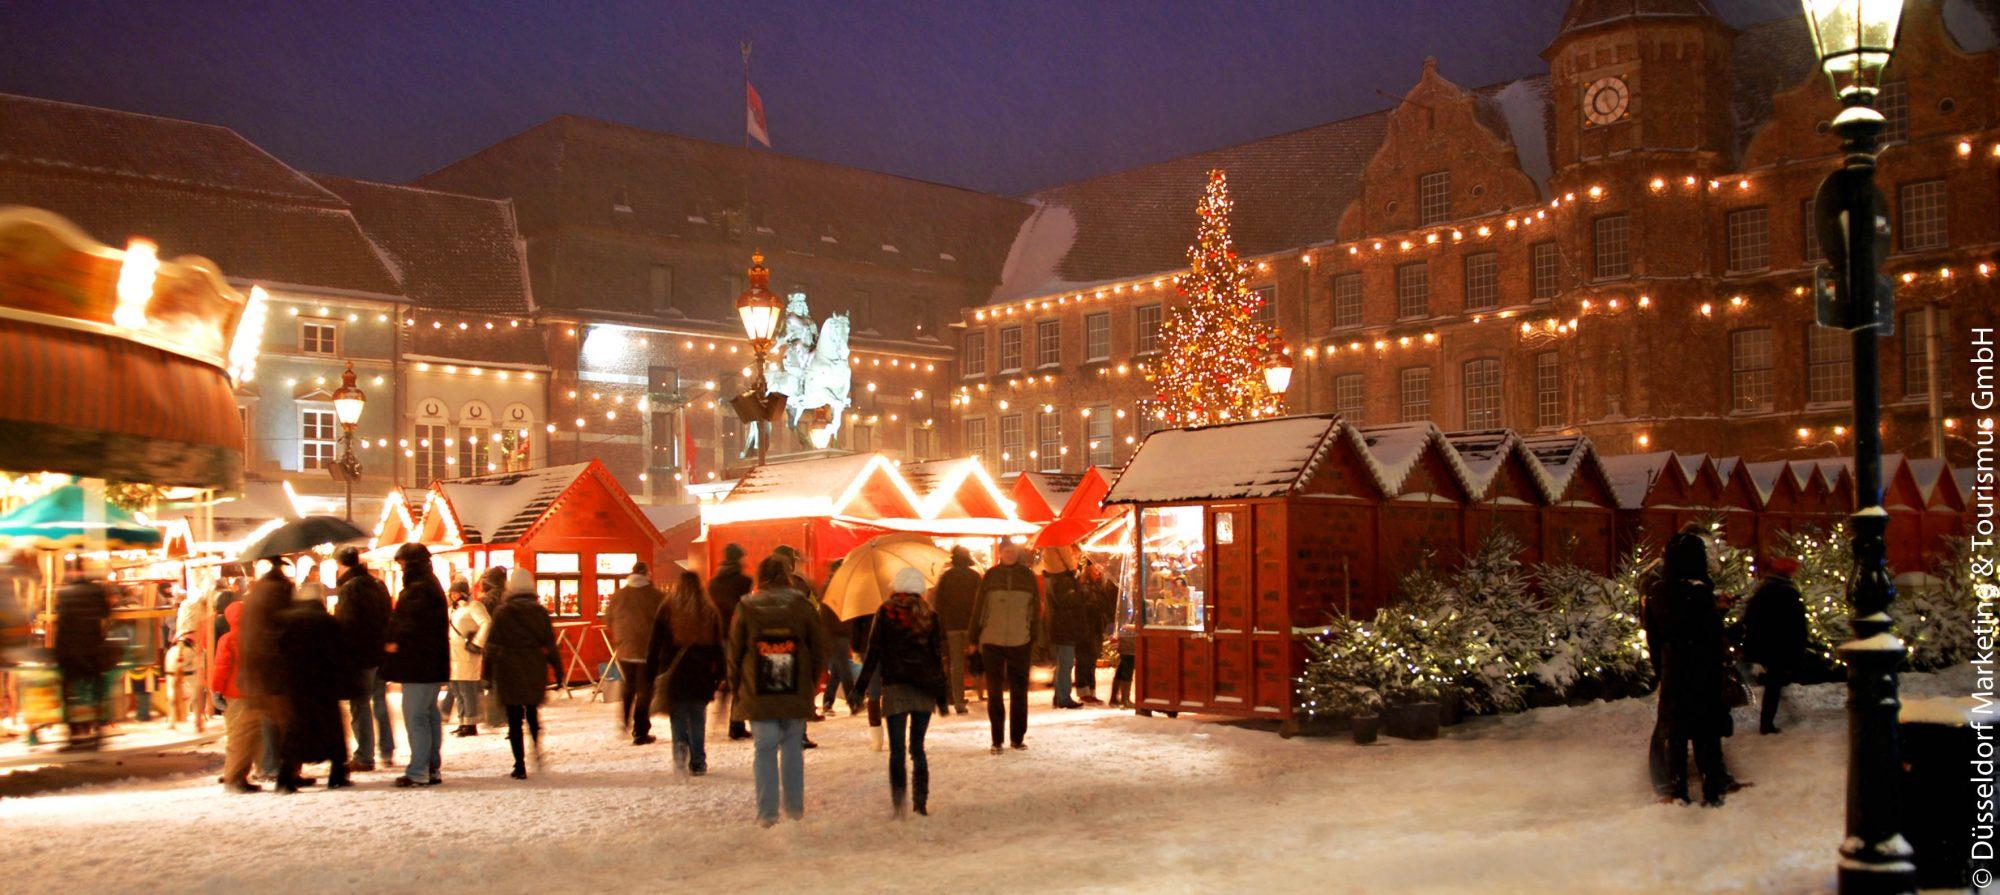 Kerstmarkt Dusseldorf 2019